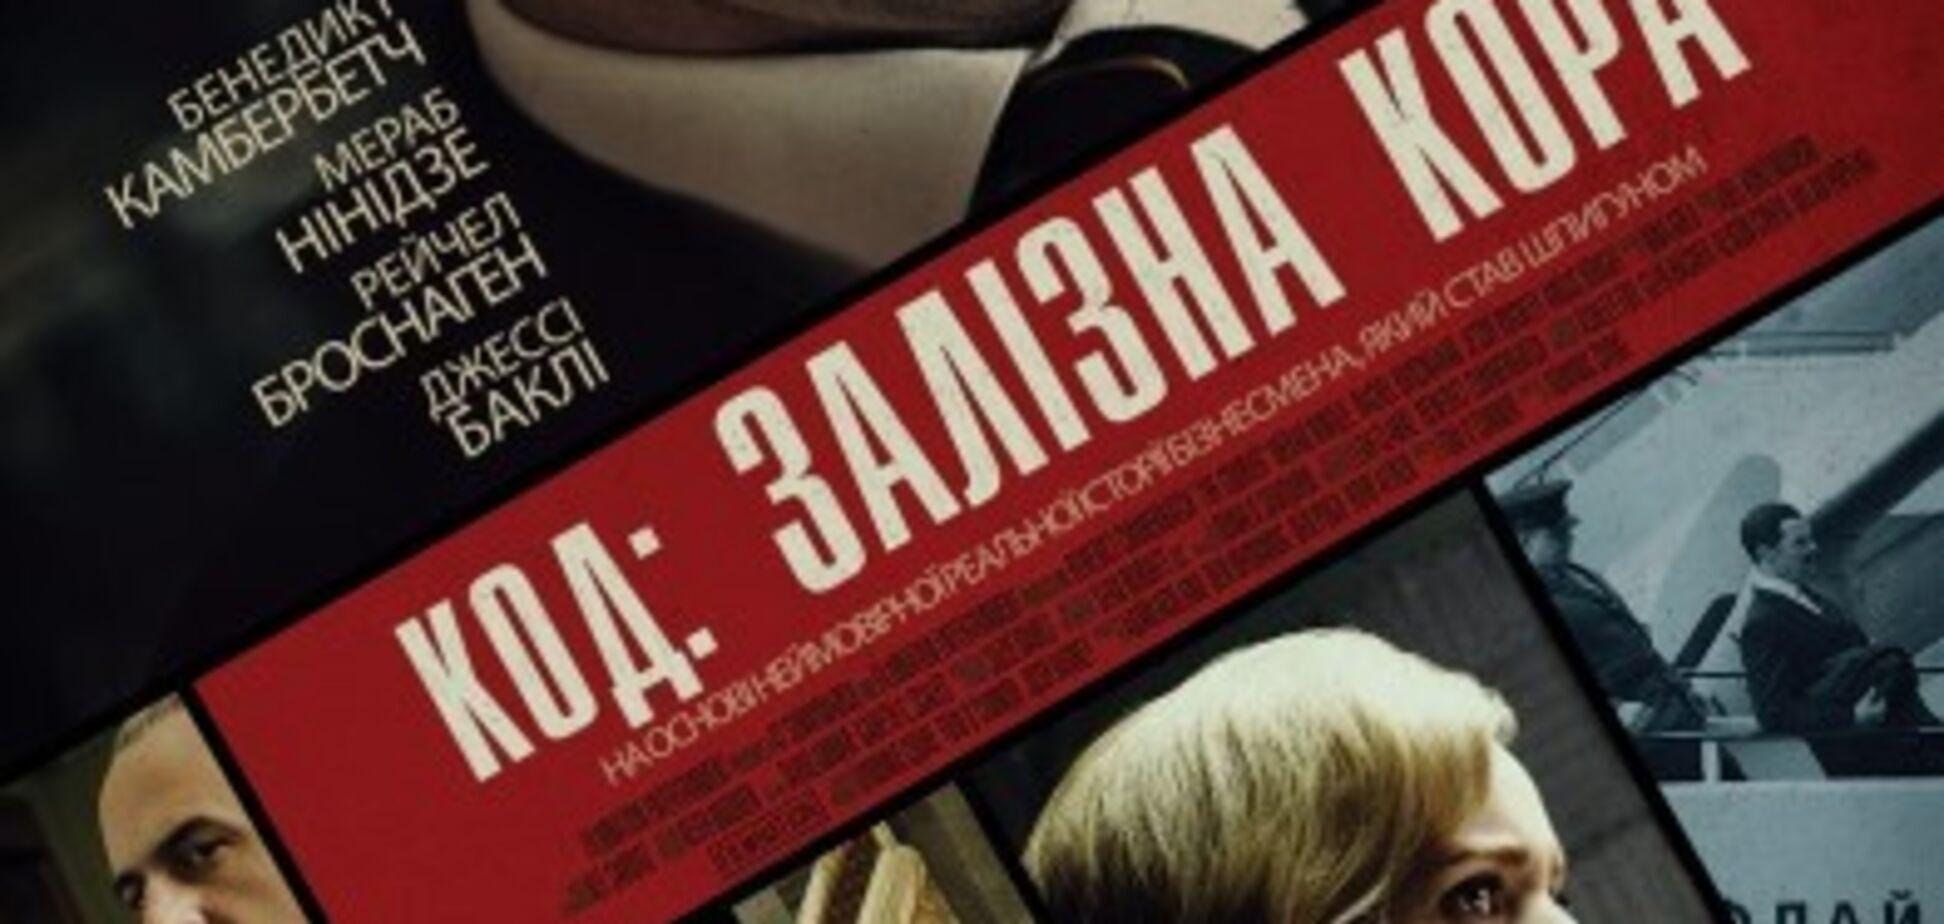 В кінотеатрі 'Оскар' відбулася прем'єра фільму 'Код: залізна кора'